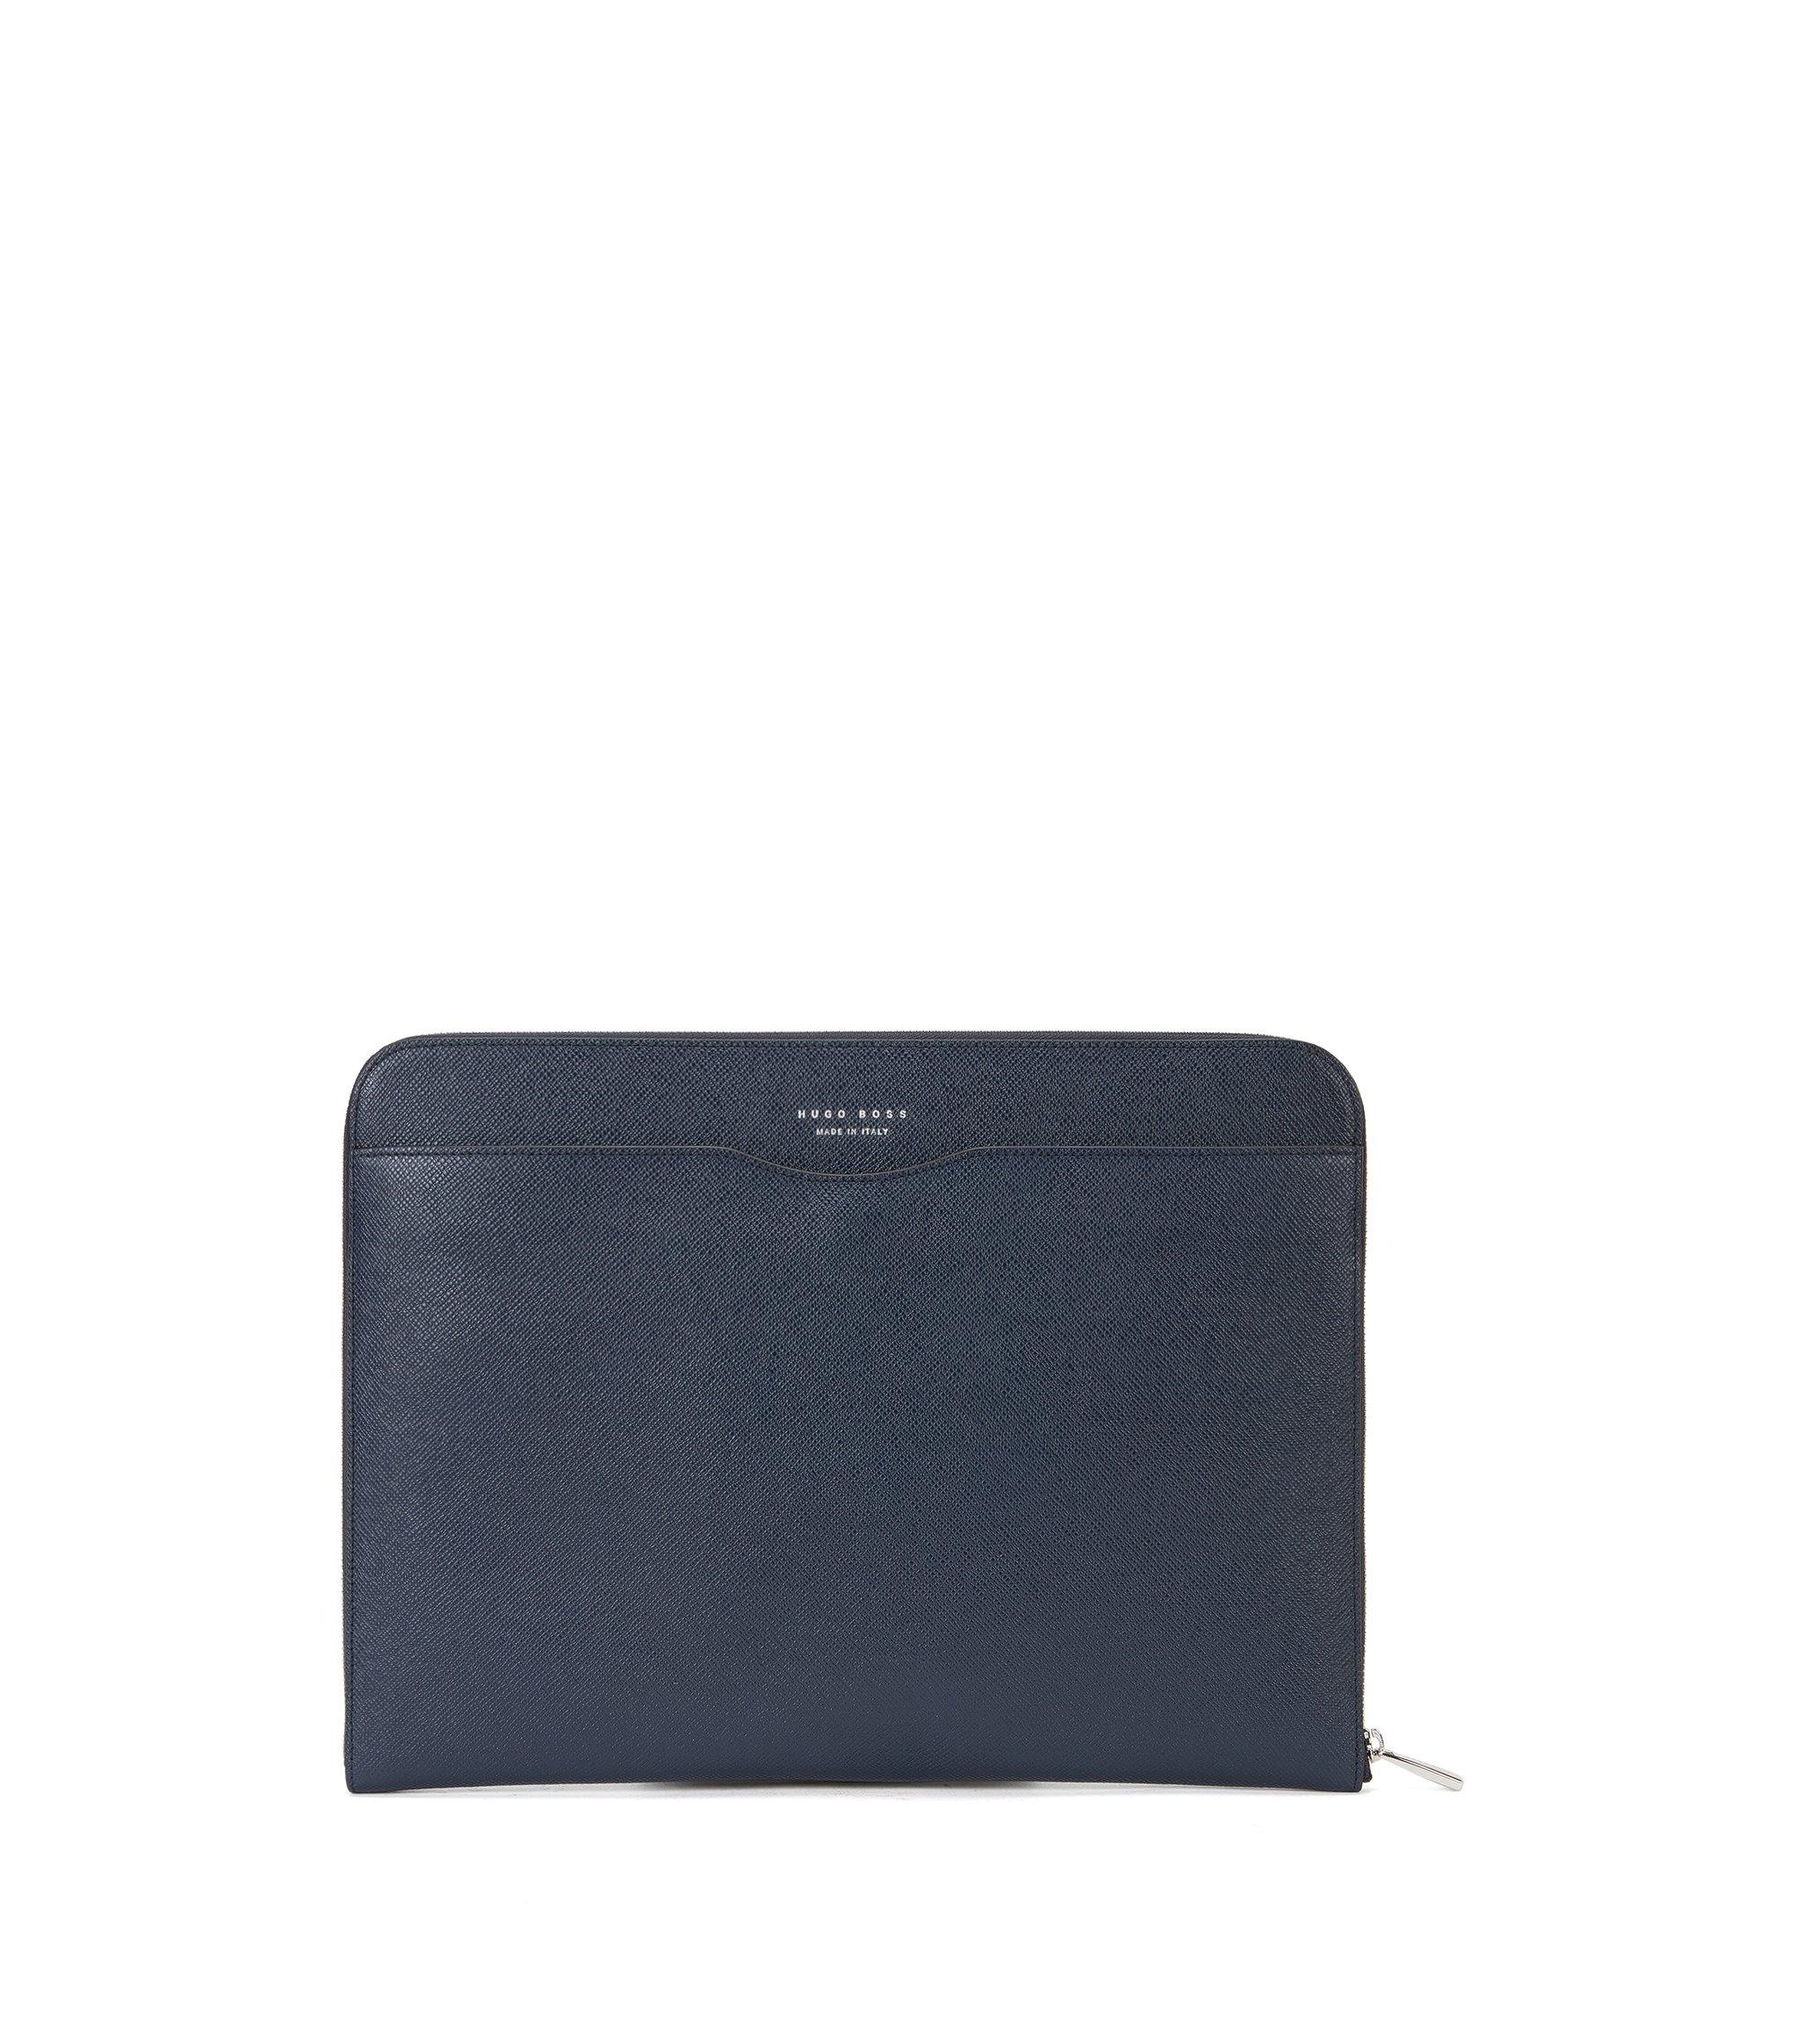 Italian Calfskin Portfolio Case | Signature Portfolio, Dark Blue